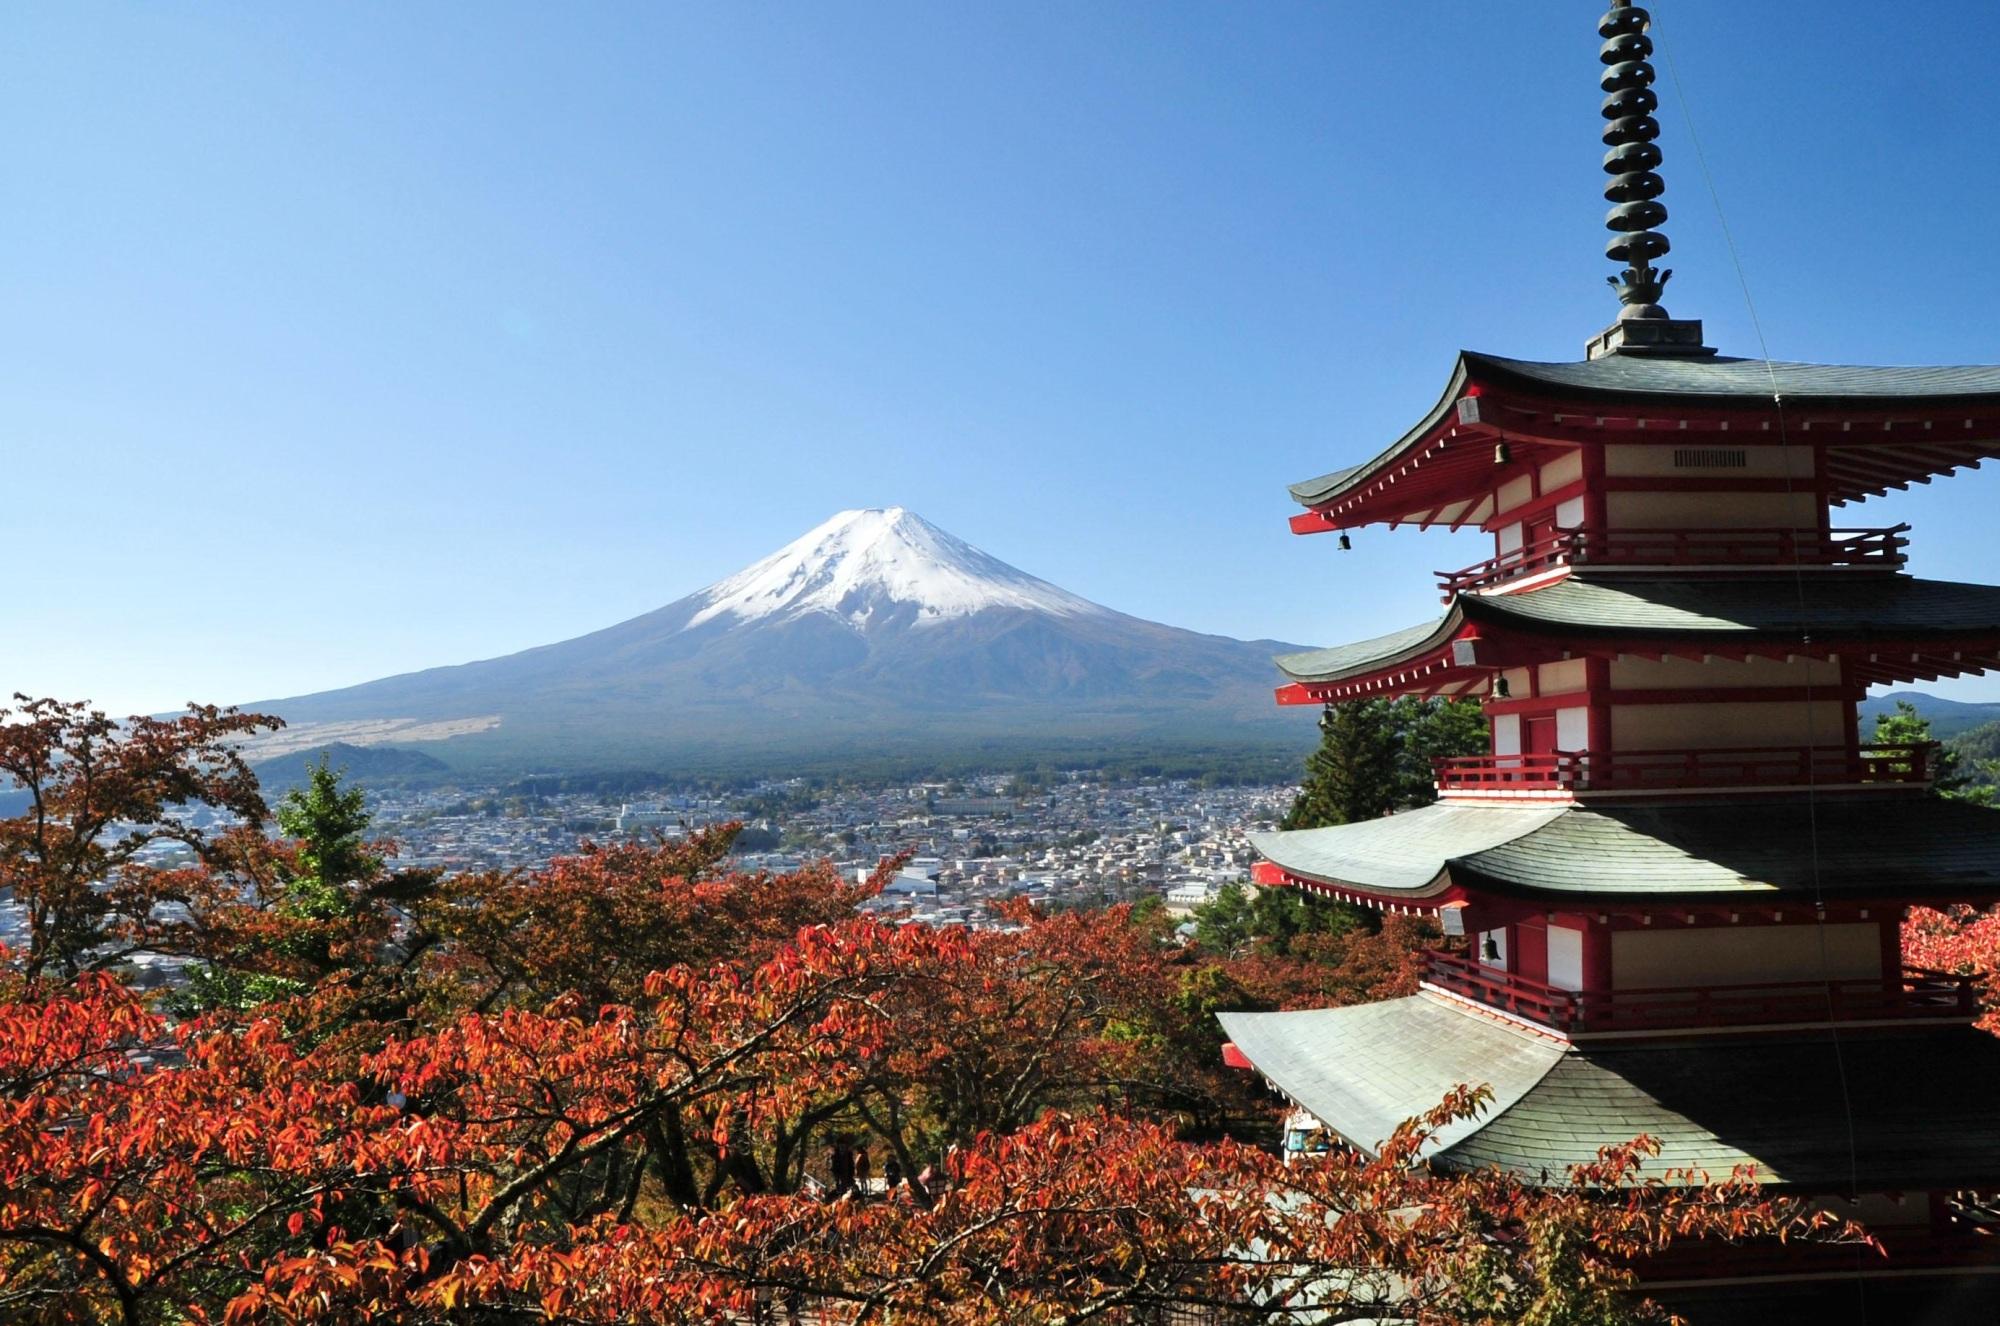 TOKYO – NÚI PHÚ SĨ (AIR MACAU)